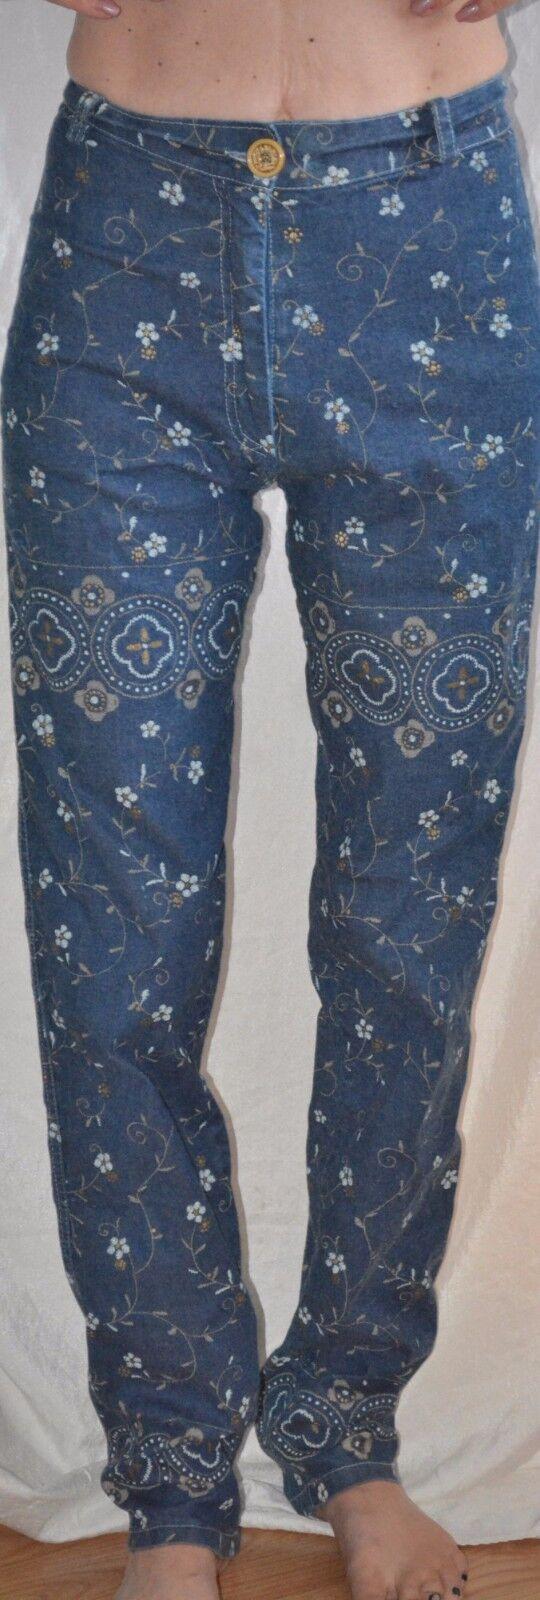 robin robine france jeans floral design Größe 1 small